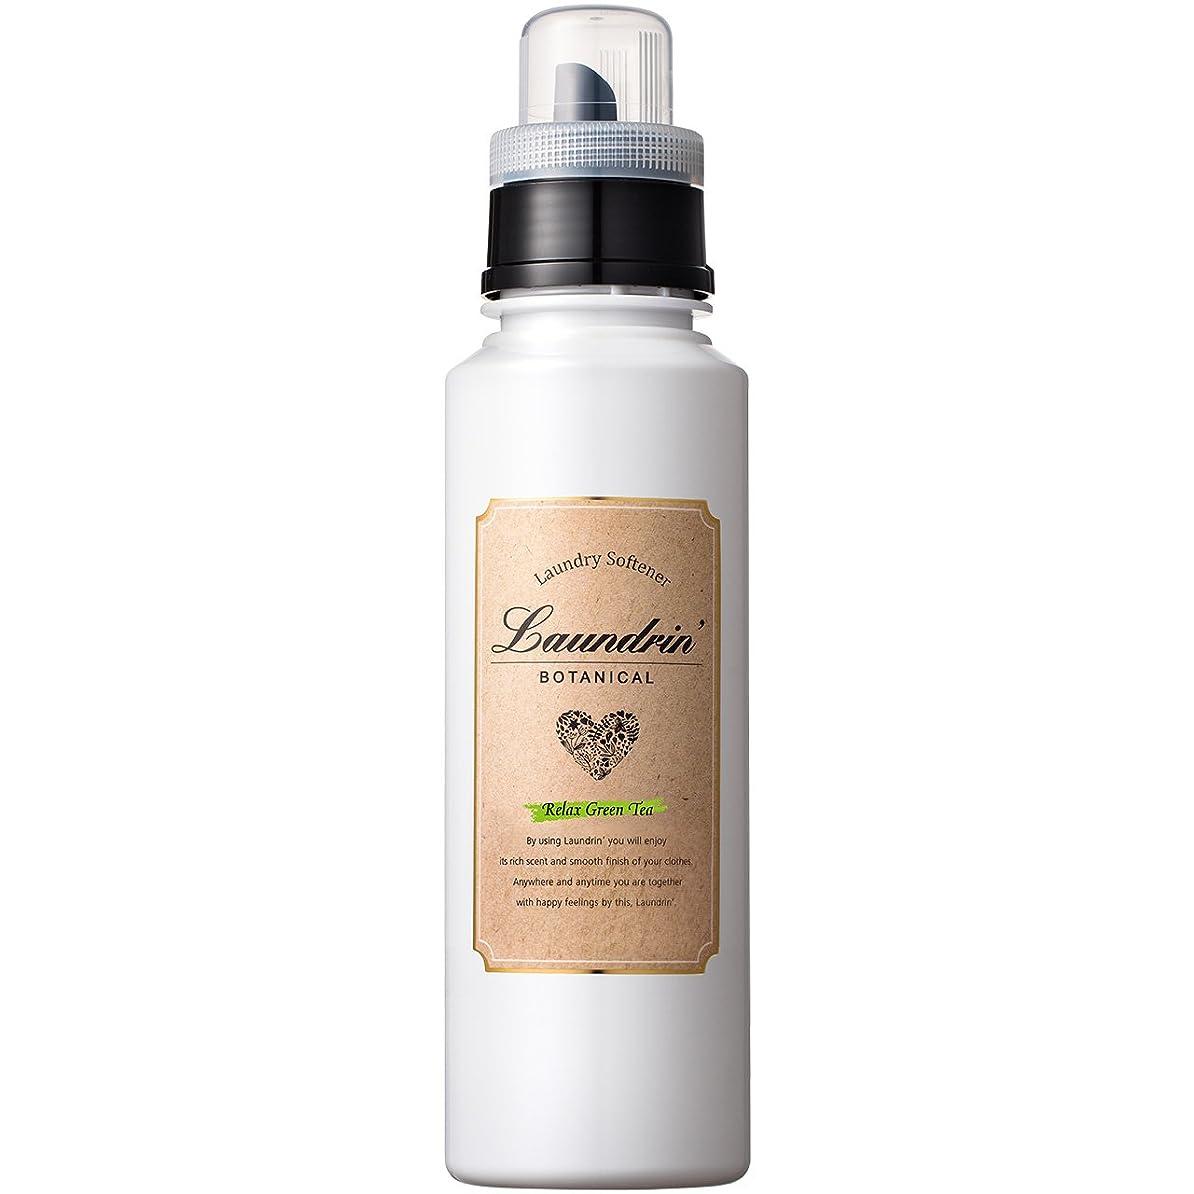 圧縮ボルト選択ランドリン ボタニカル 柔軟剤 リラックスグリーンティーの香り 500ml